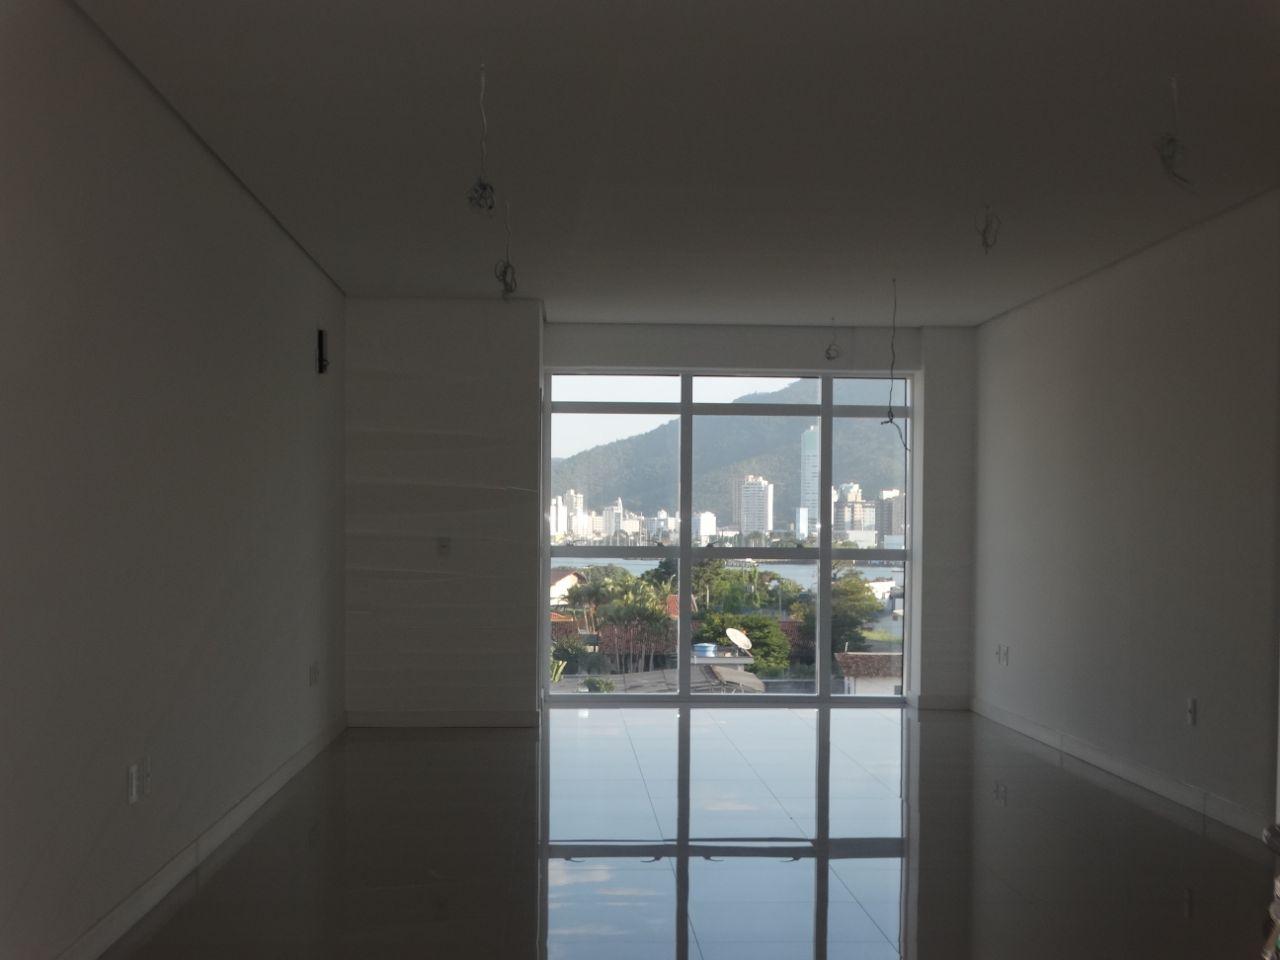 Cadin Imóveis - Locação - Sala comercial - Centro - Navegantes - R$ 1000,00